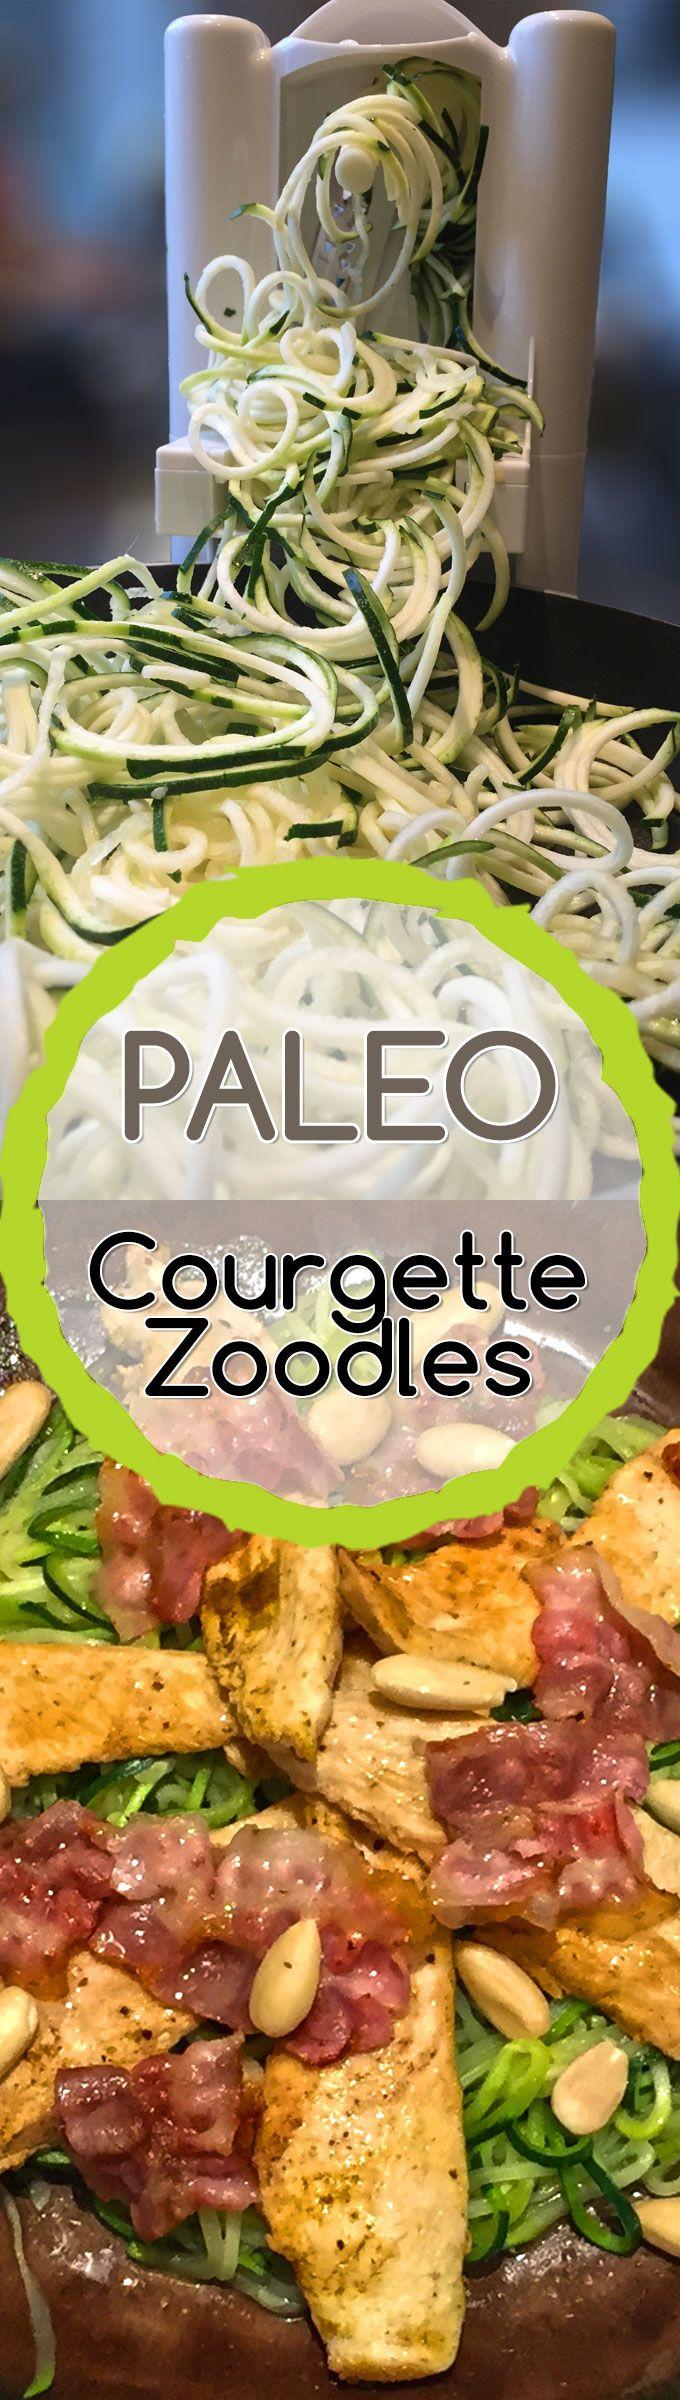 #PALEO #COURGETTE #ZOODLES MET KIP: Zoodles = zucchini (courgette) in de vorm van noedels, de perfecte oplossing om spaghetti vol gluten en zetmelen te vervangen. Mijn Spiraliser van Hemsley doet overuren, wat een fantastisch geschenk van mijn man! Ik kan nu van vele groenten spaghetti, linten of krullen maken in (letterlijk) 2 minuten tijd.